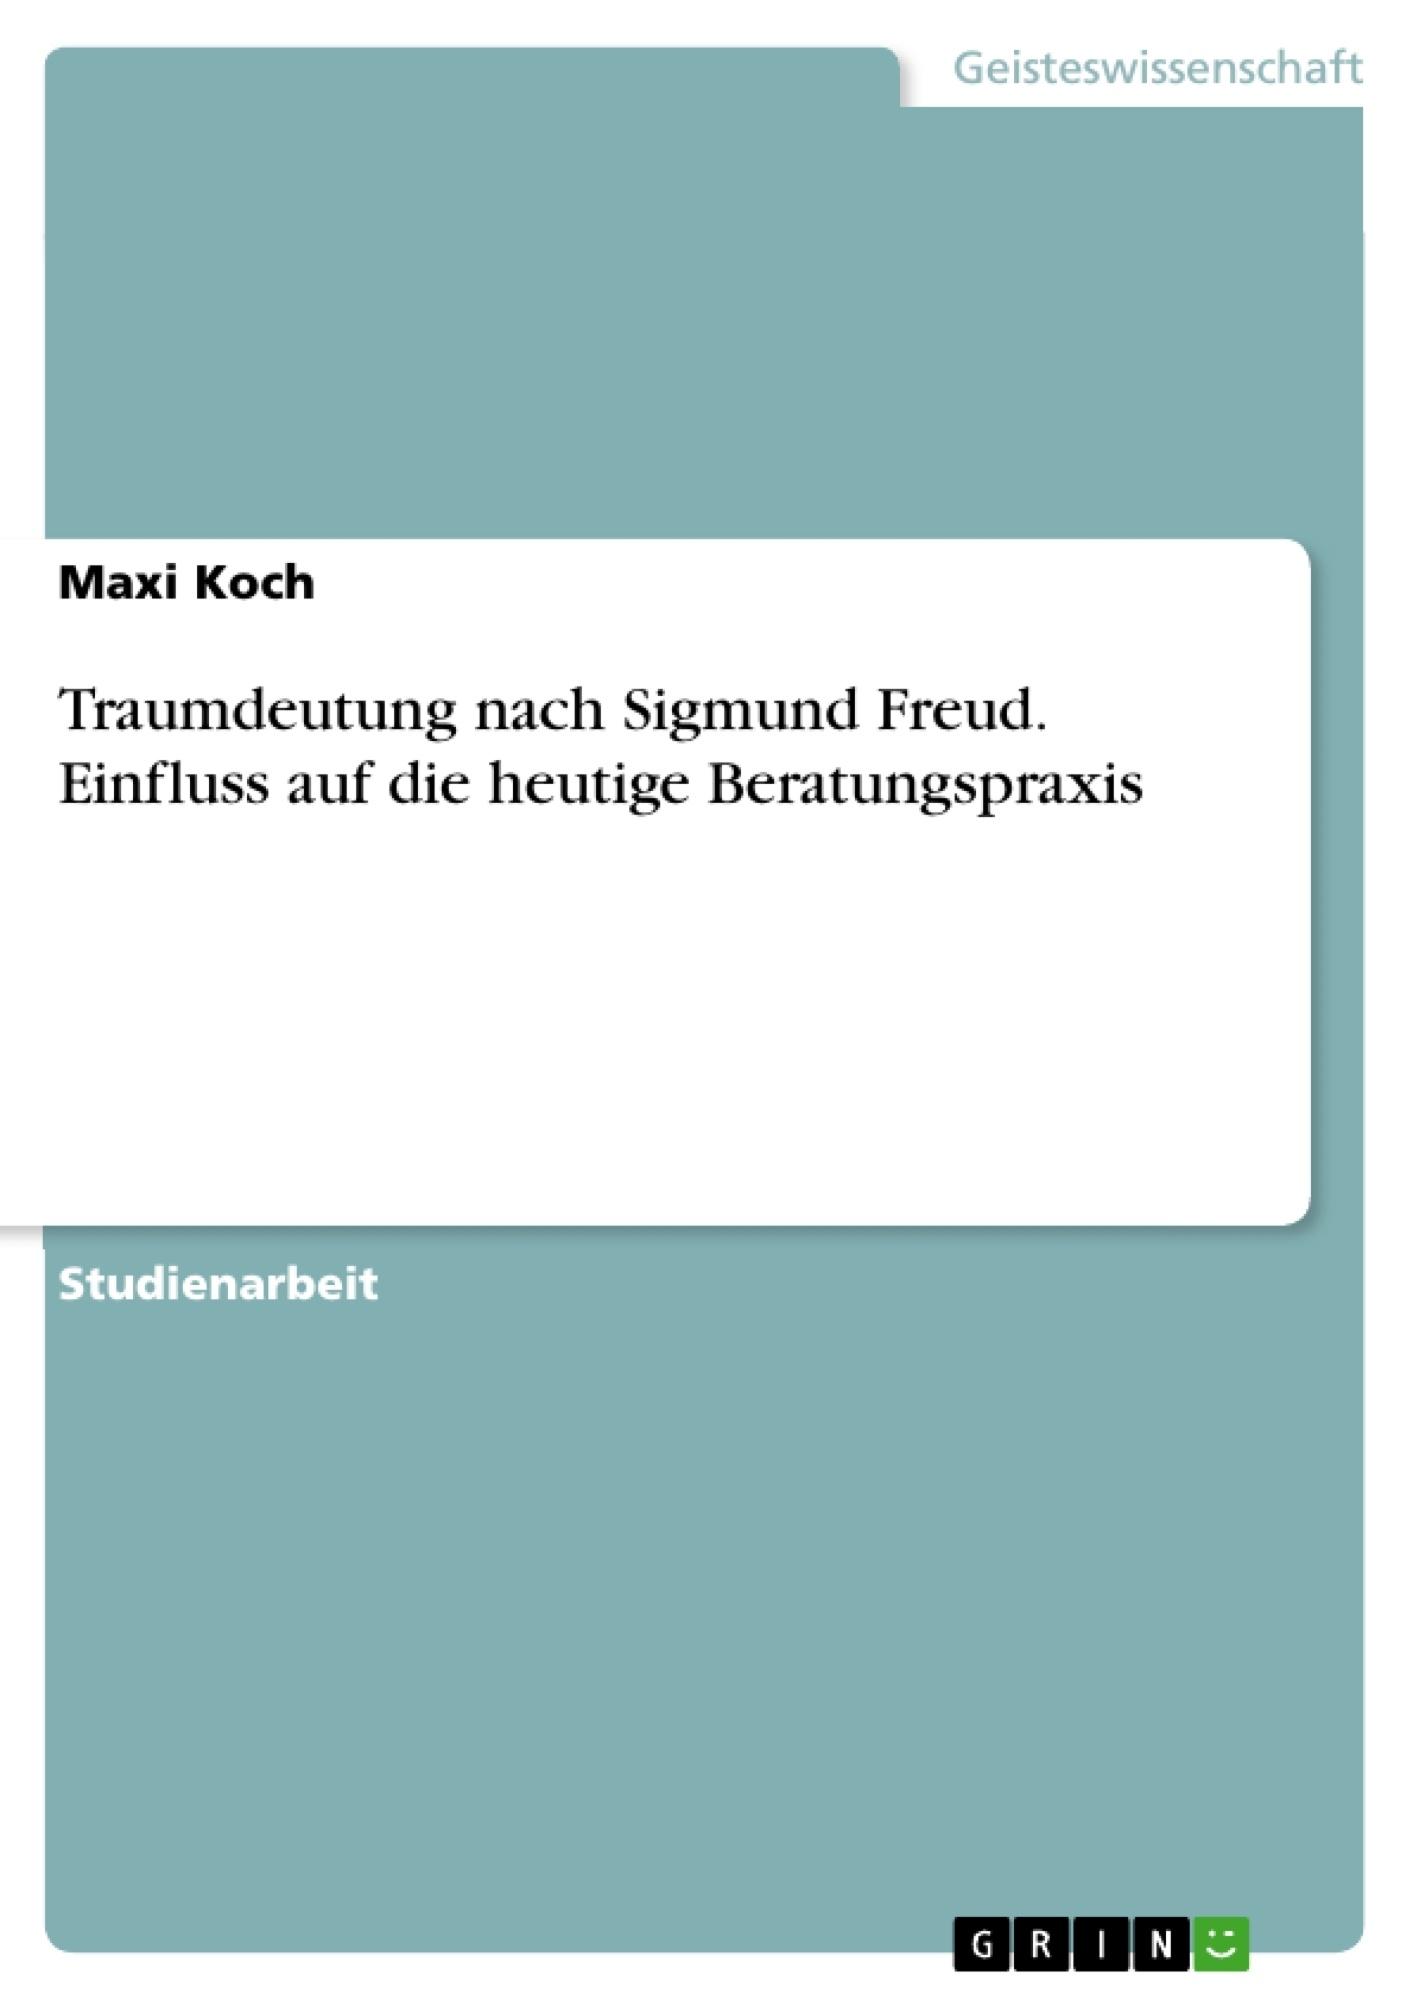 Titel: Traumdeutung nach Sigmund Freud. Einfluss auf die heutige Beratungspraxis